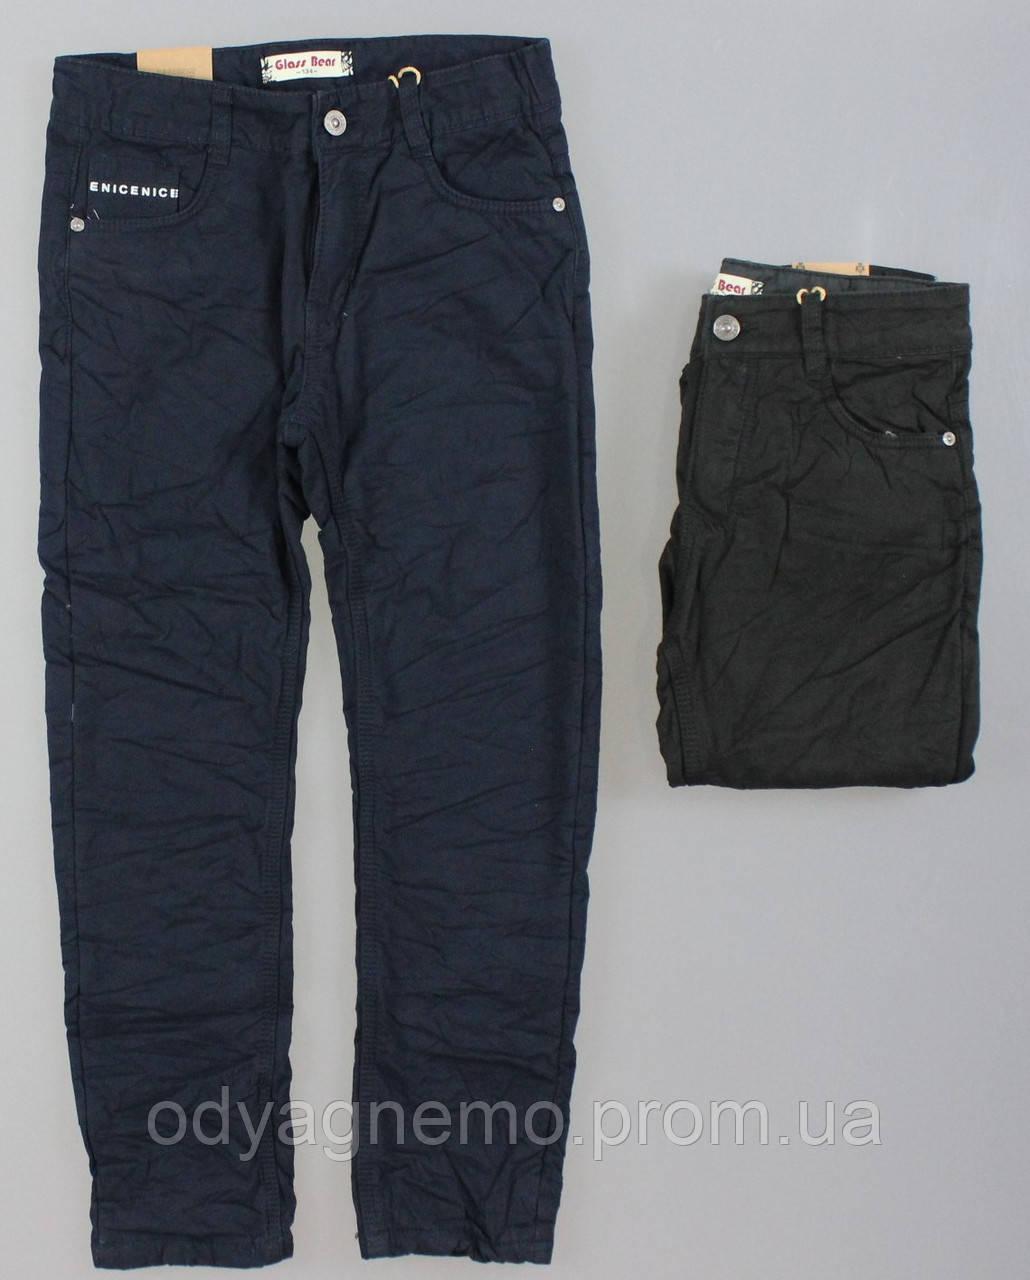 Котоновые брюки на флисе для мальчиков Glass Bear оптом , 134-164 рр., фото 1